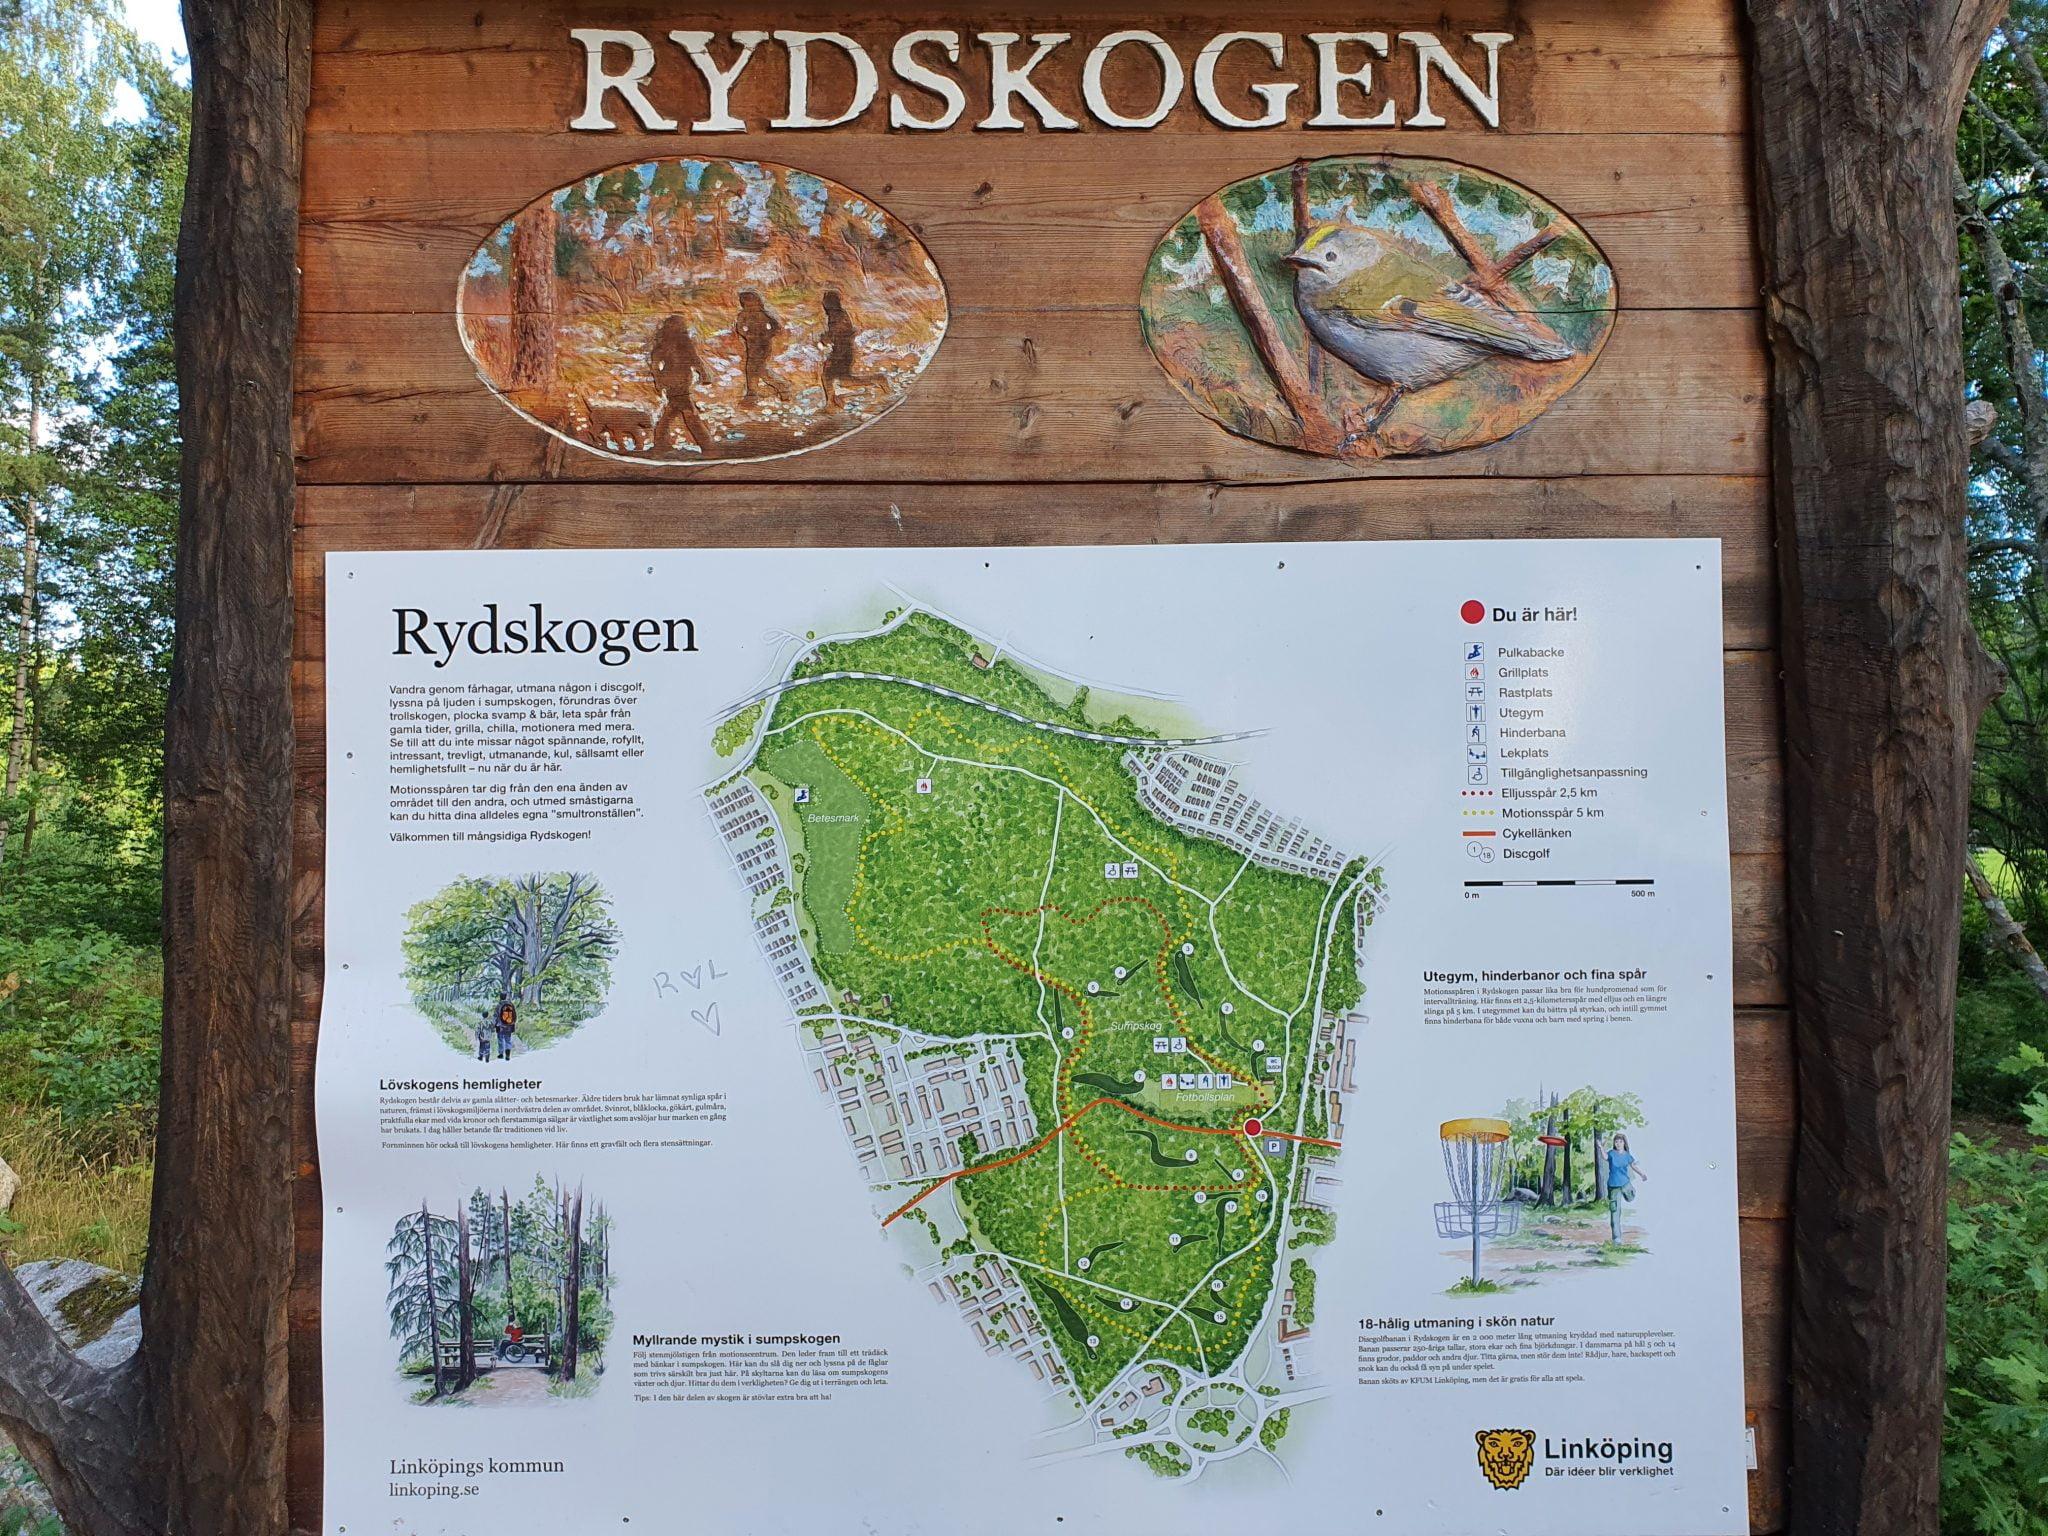 Rydsskogen, Linköping